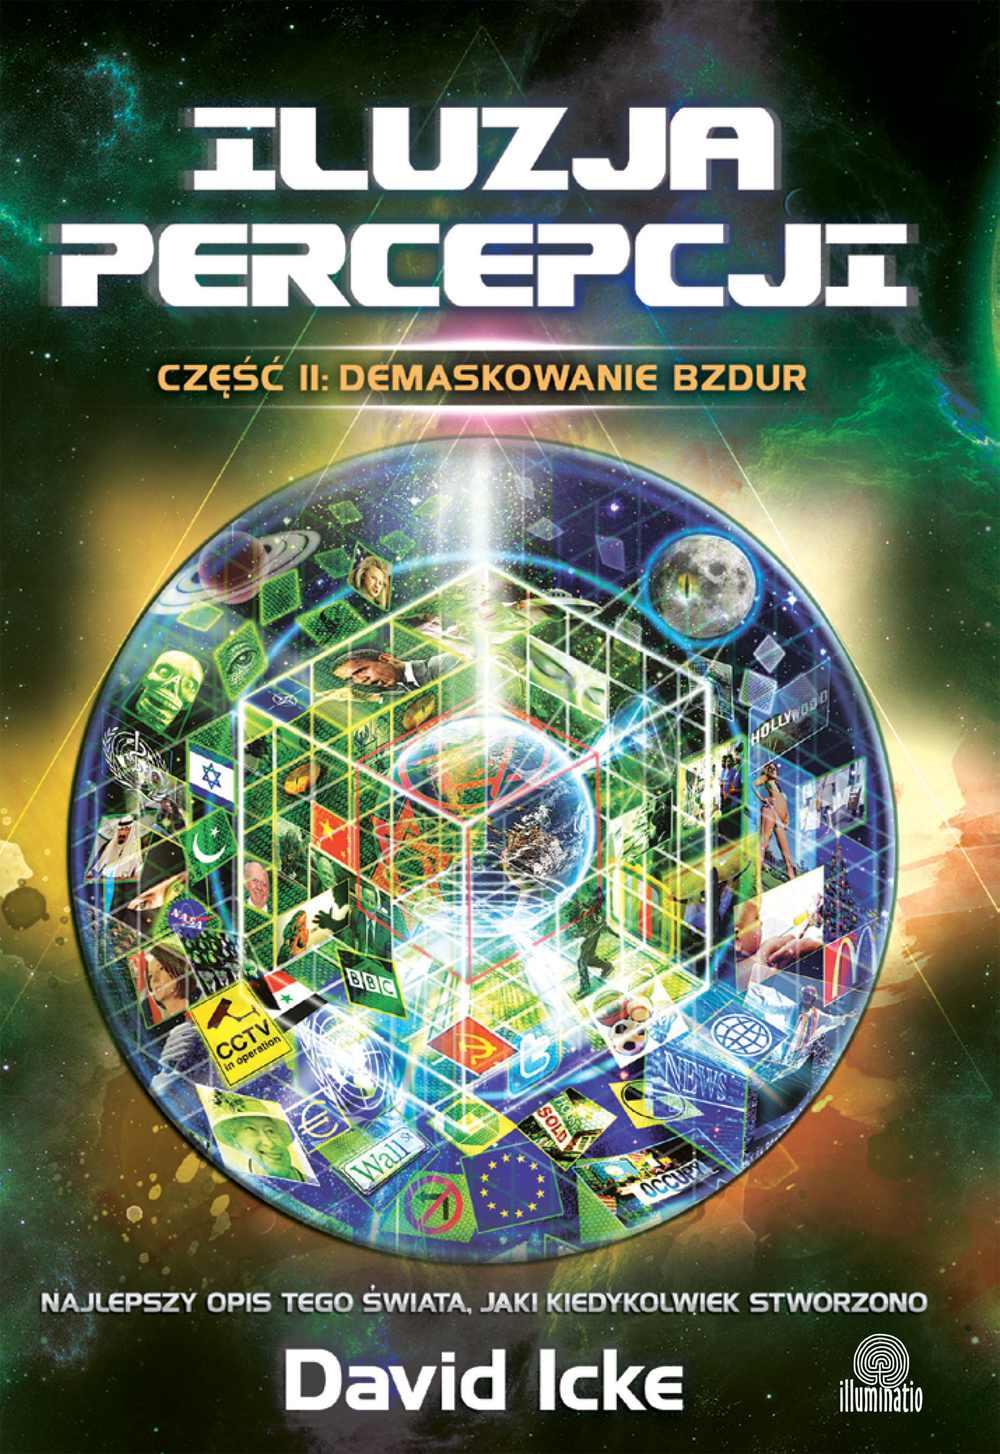 Iluzja percepcji. Część II. Demaskowanie bzdur - Ebook (Książka na Kindle) do pobrania w formacie MOBI